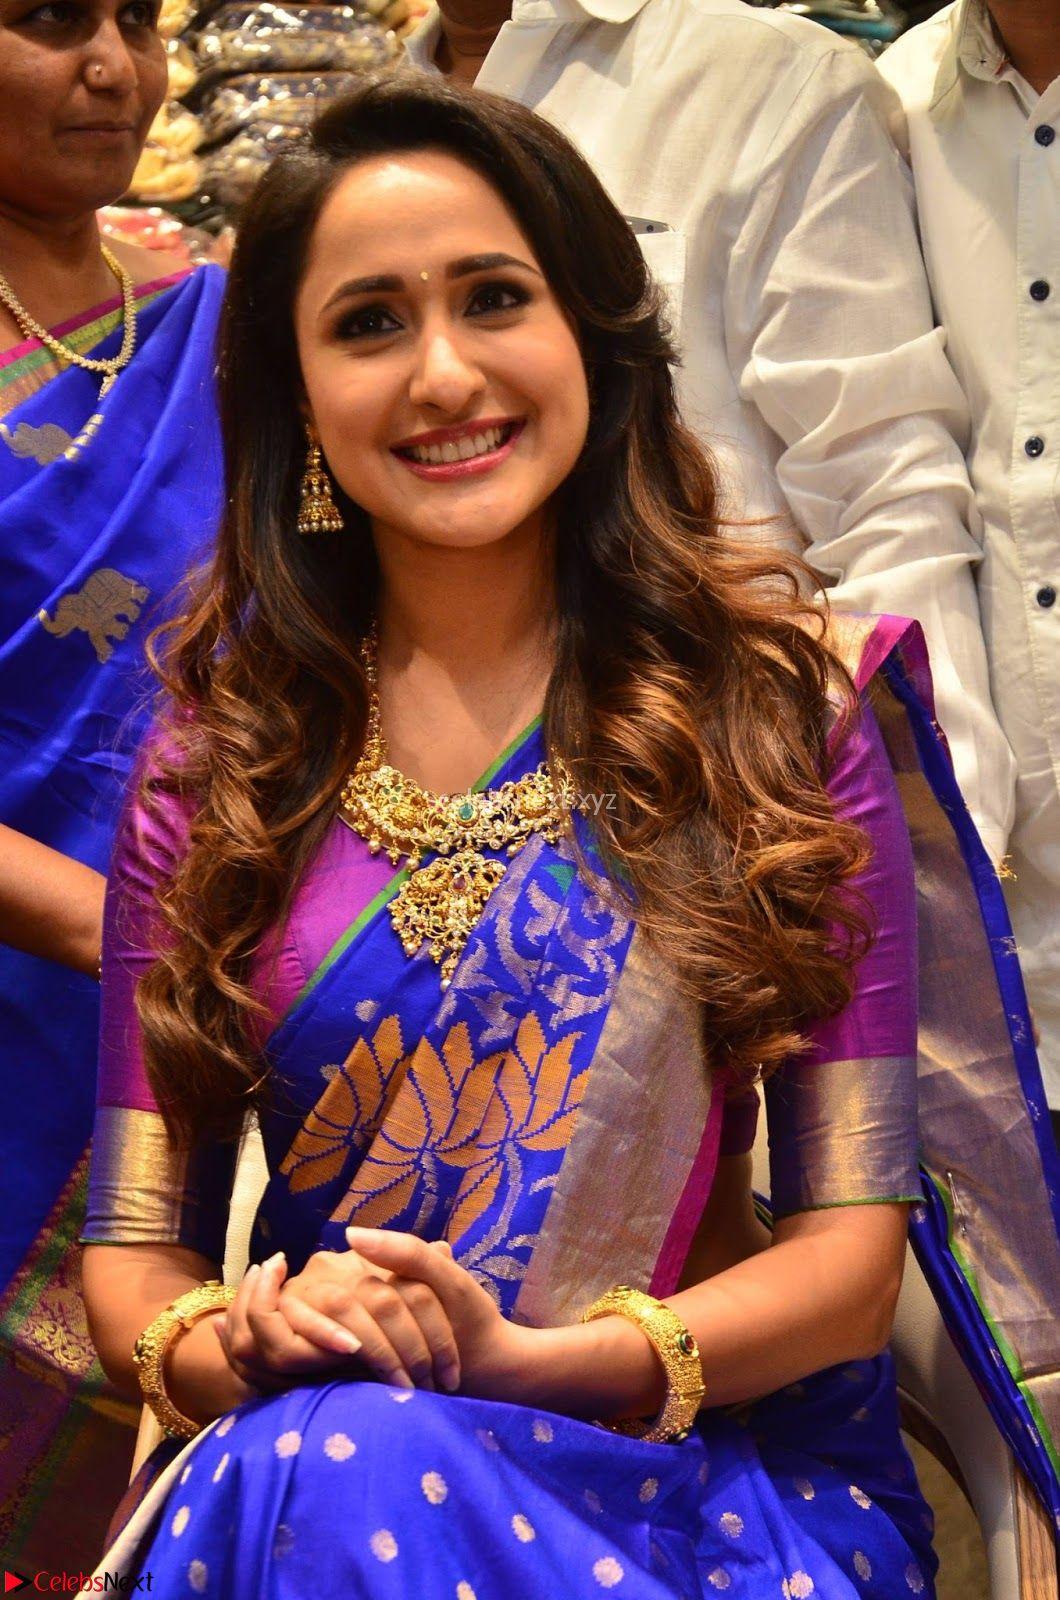 Pragya Jaiswal in colorful Saree looks stunning at inauguration of South India Shopping Mall at Madinaguda